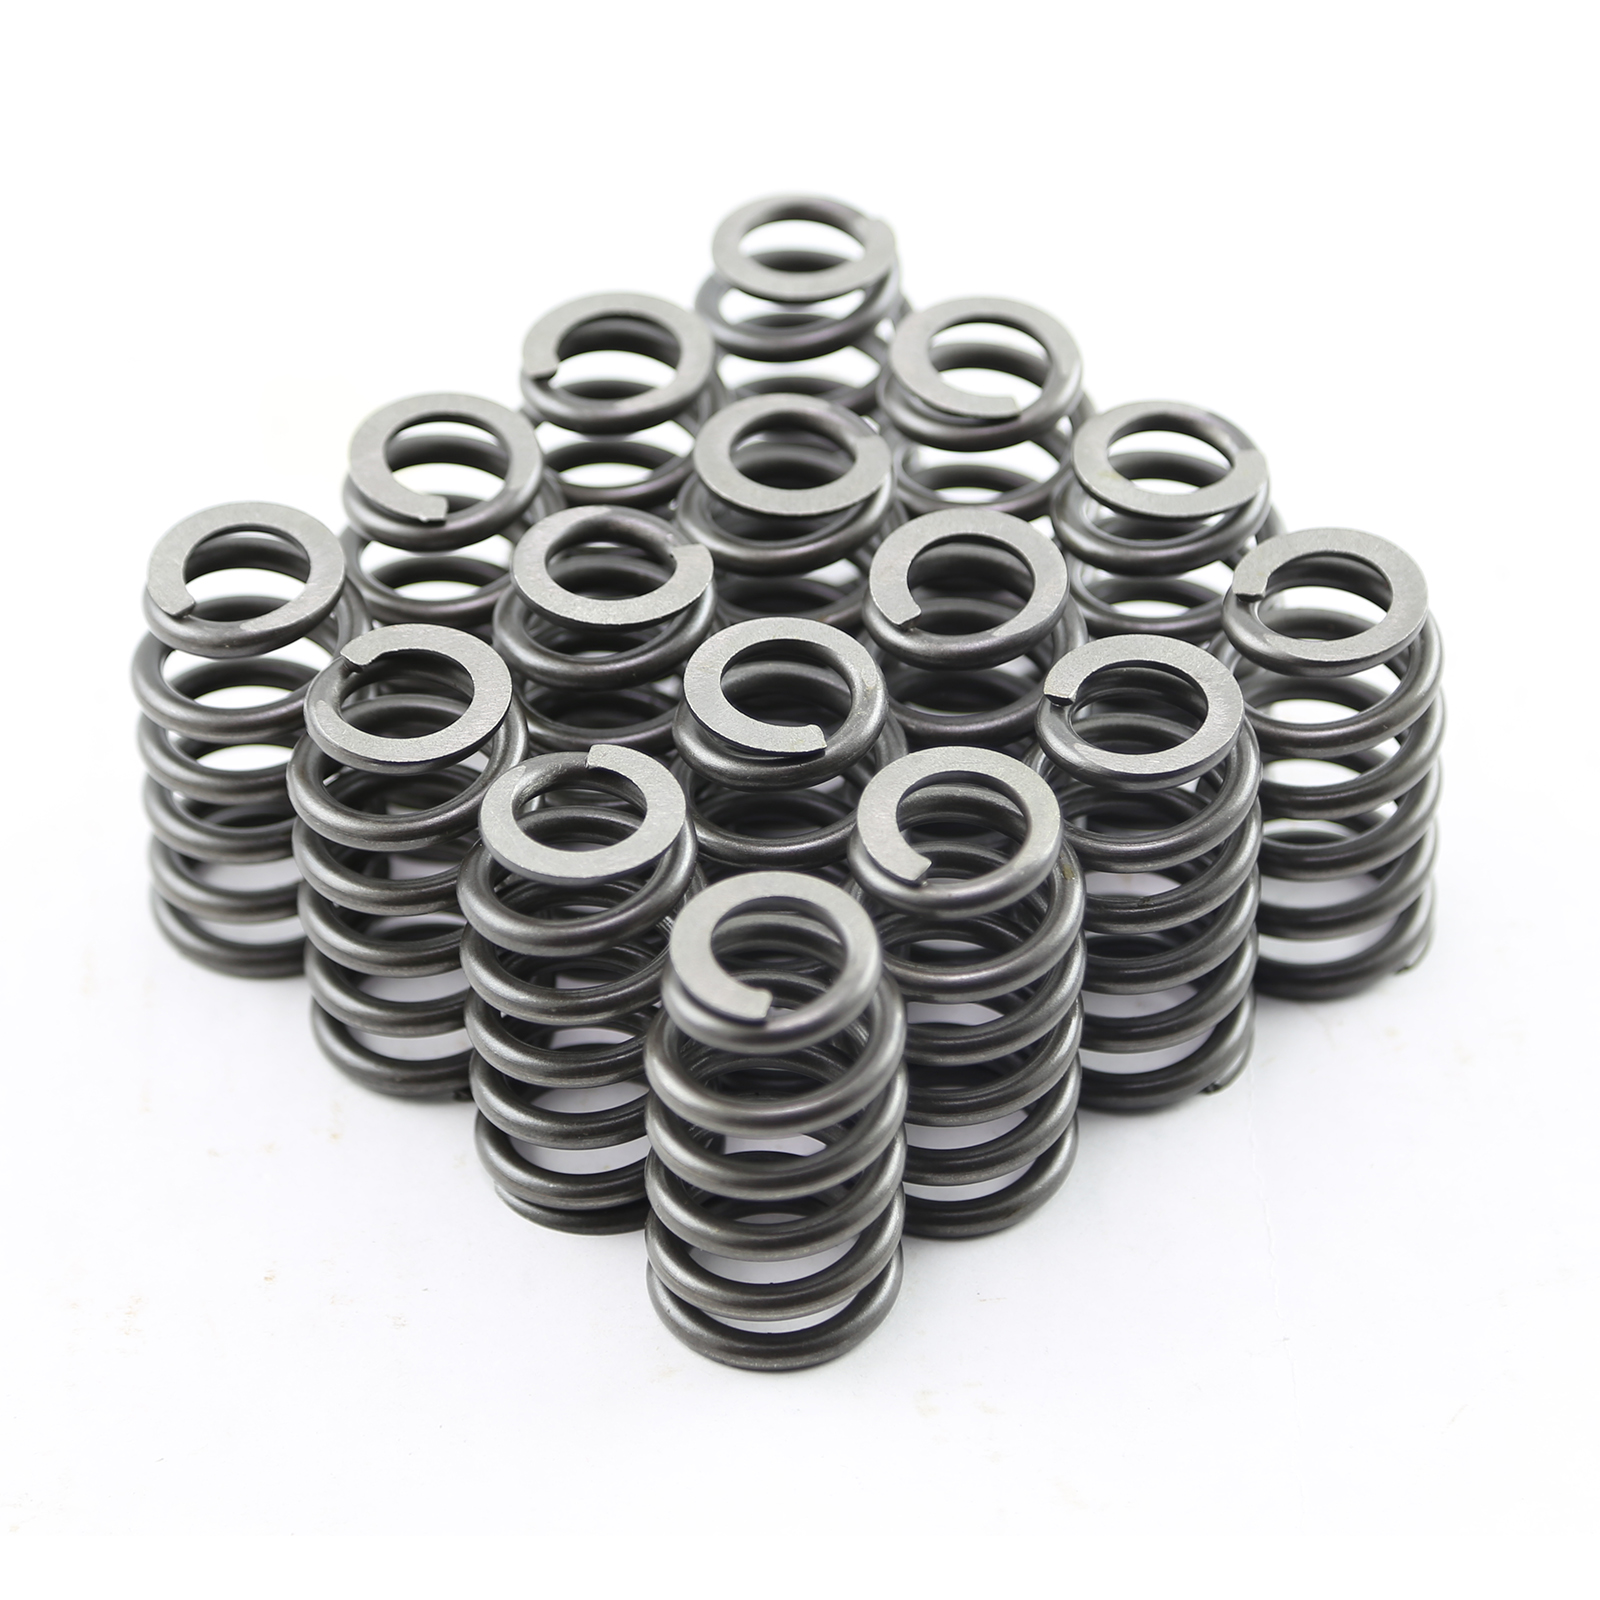 """1.270"""" Od. LS1 Beehive Valve Springs - 150Lbs @ 1.800"""" - 1.240"""" Coil Bind"""